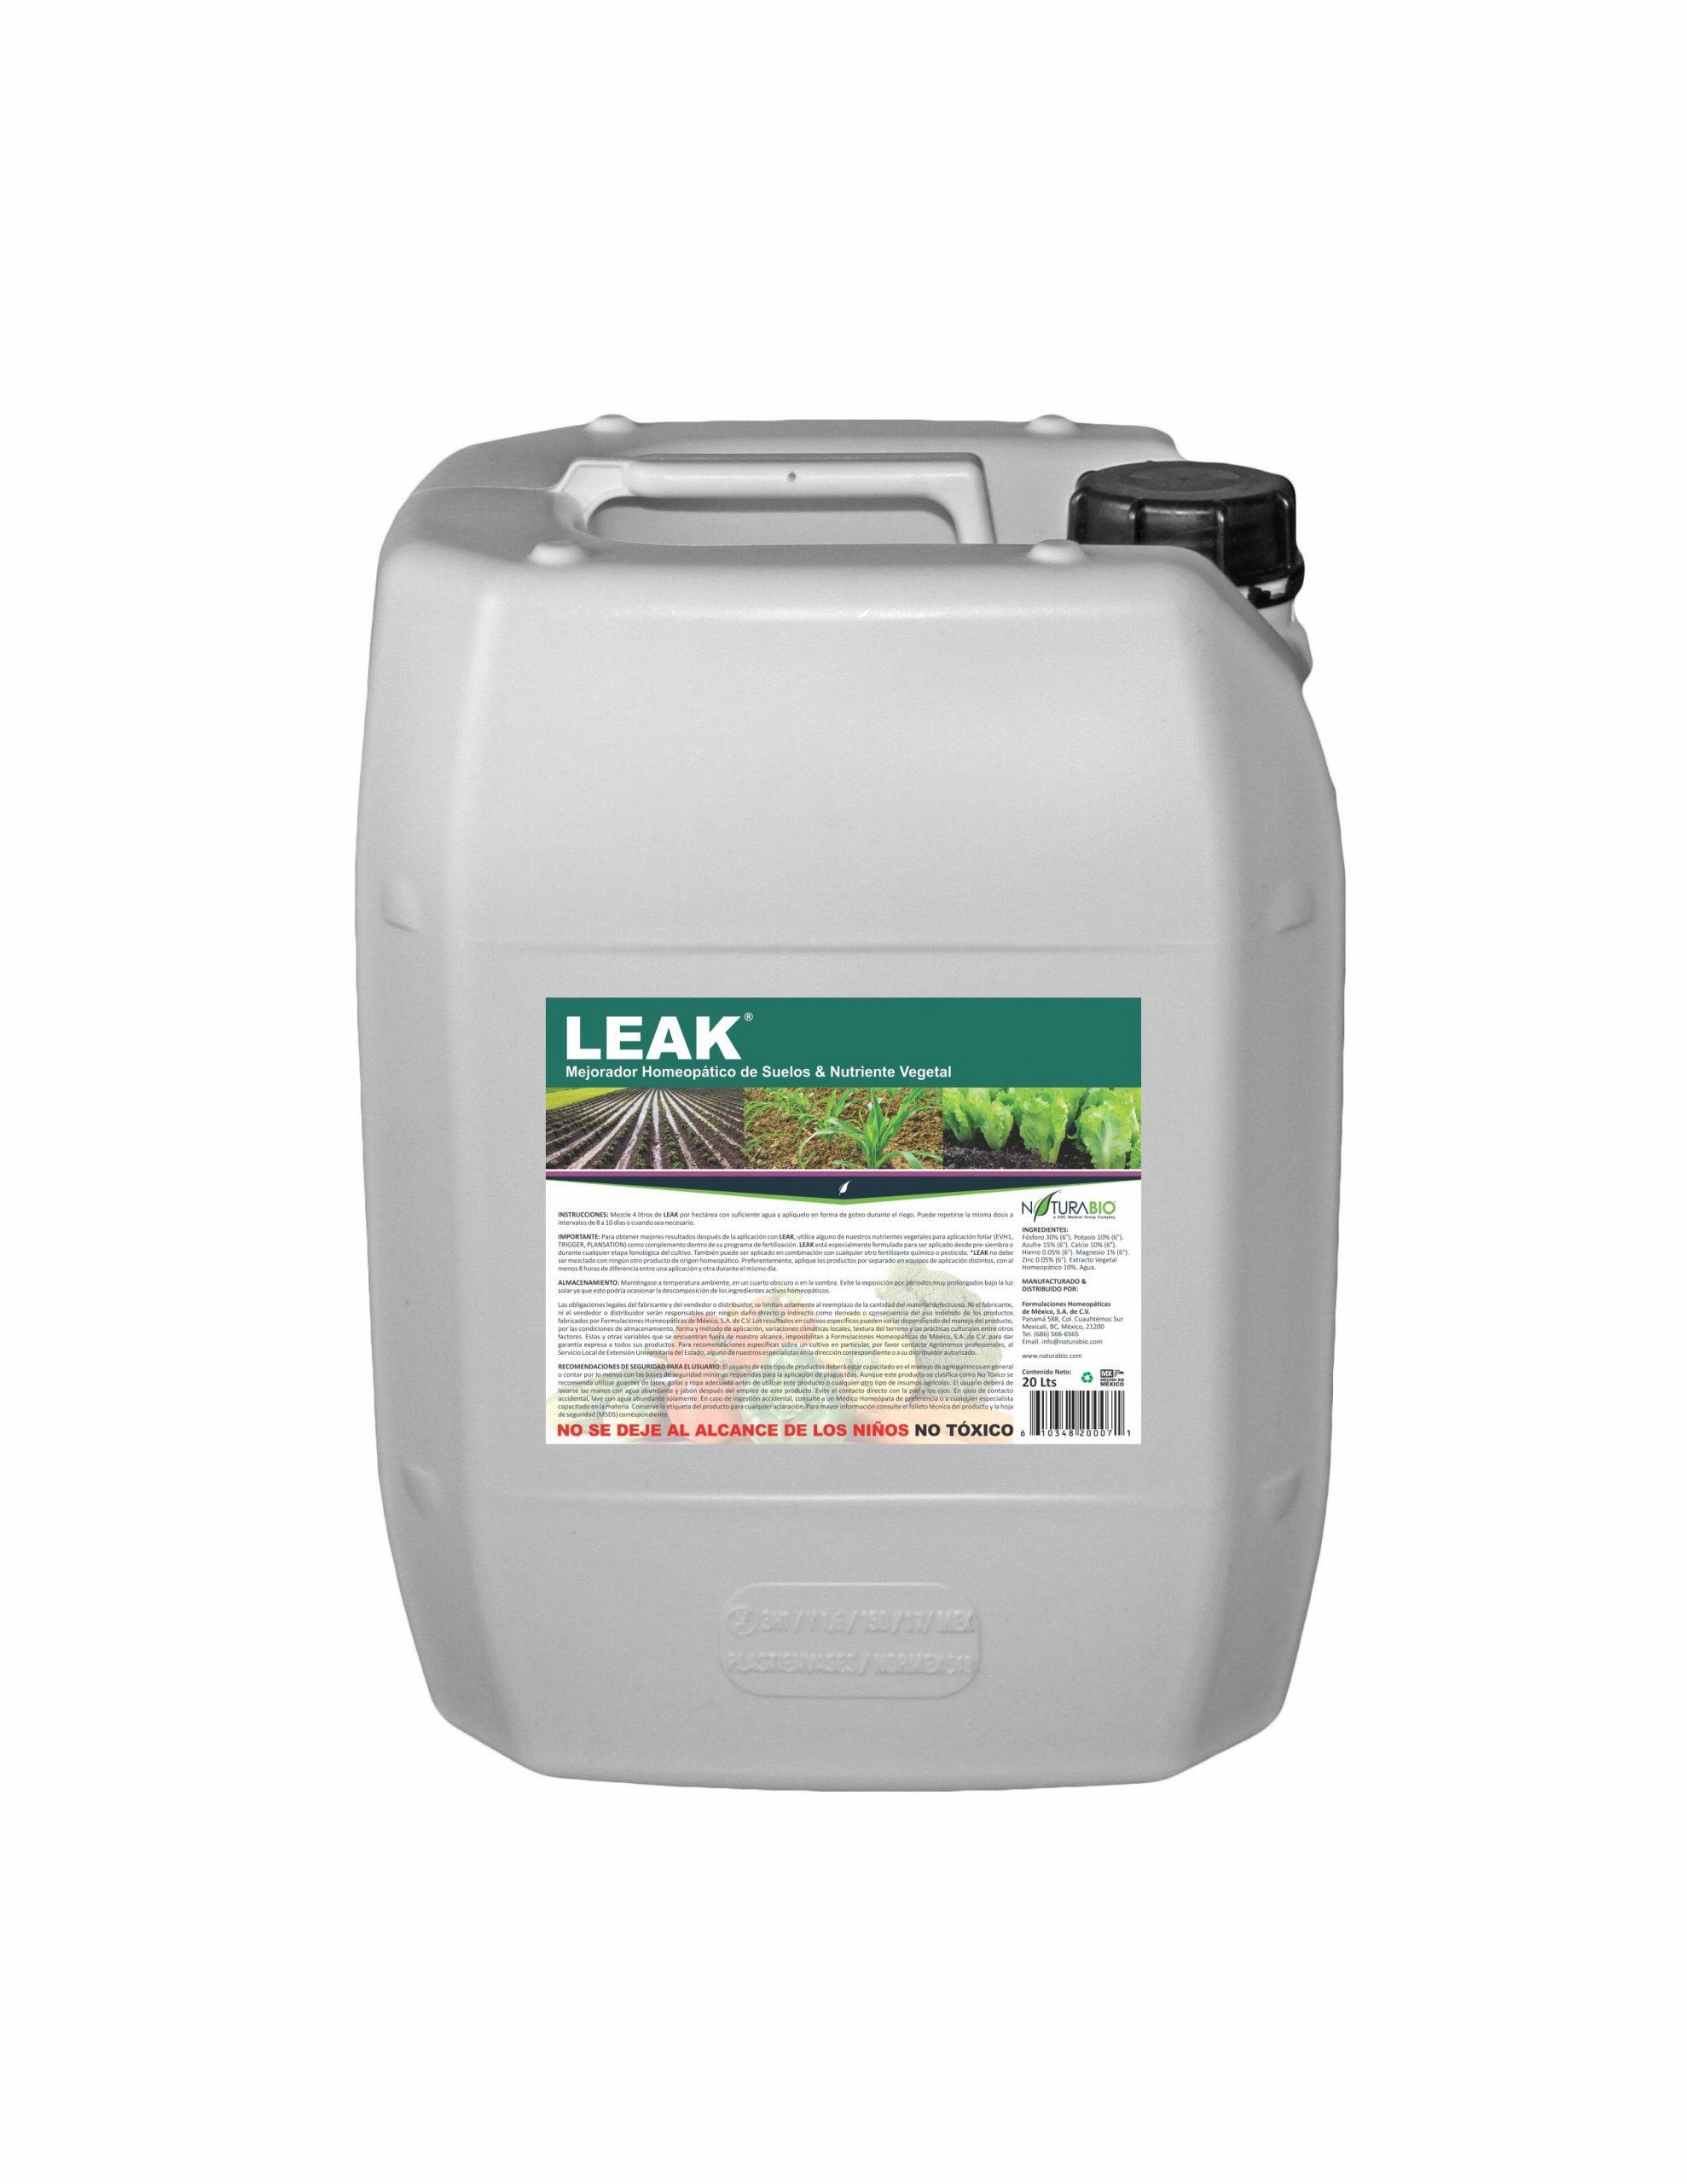 LEAK Mejorador Homeopático de Suelos y Nutriente Vegetal